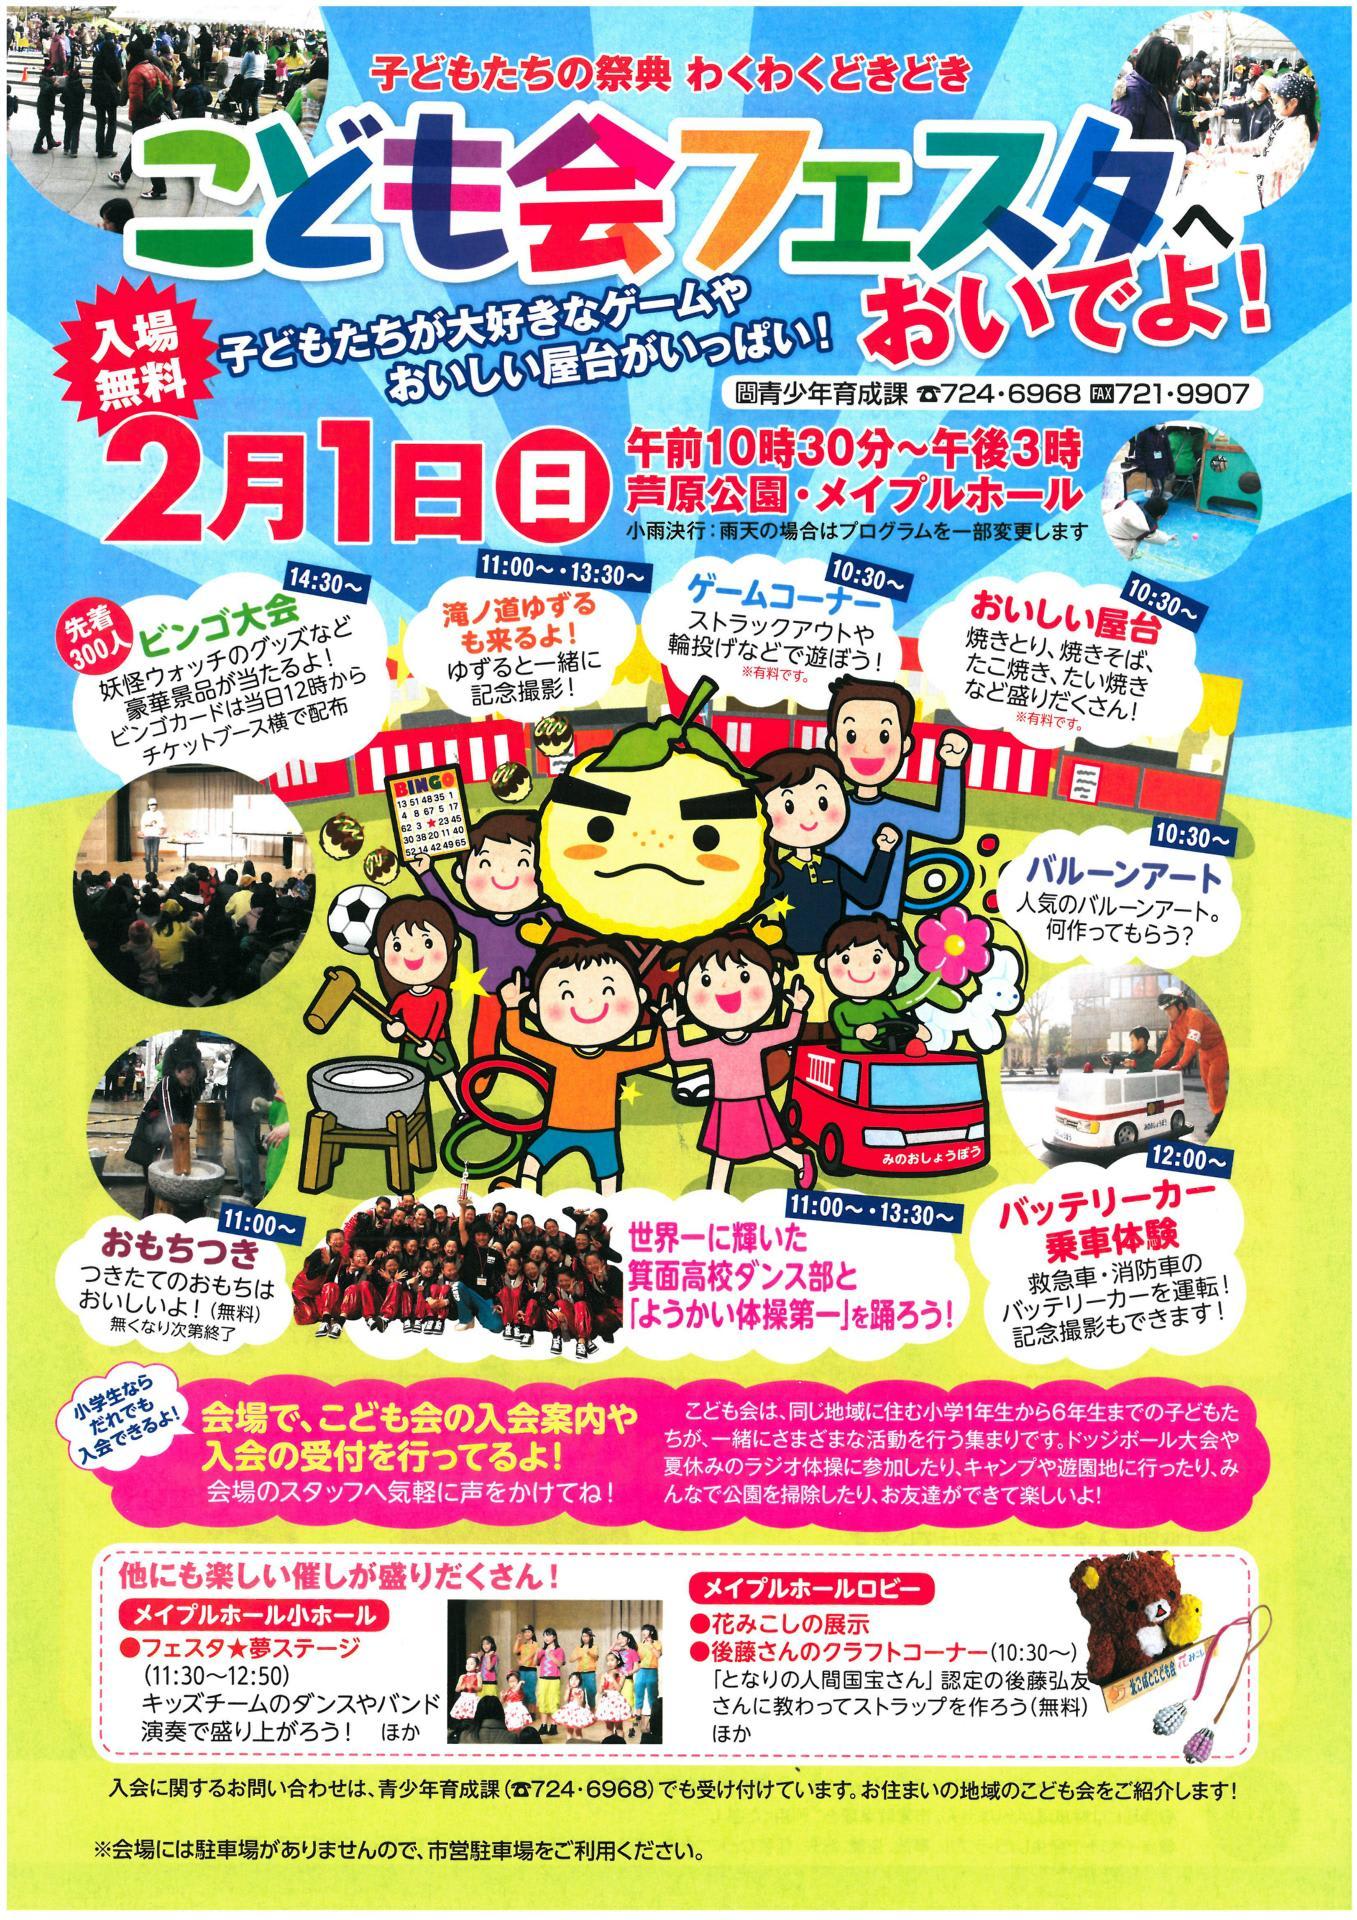 【告知】2月1日(日曜日)子どもたちの祭典「こども会フェスタ」へおいでよ!!